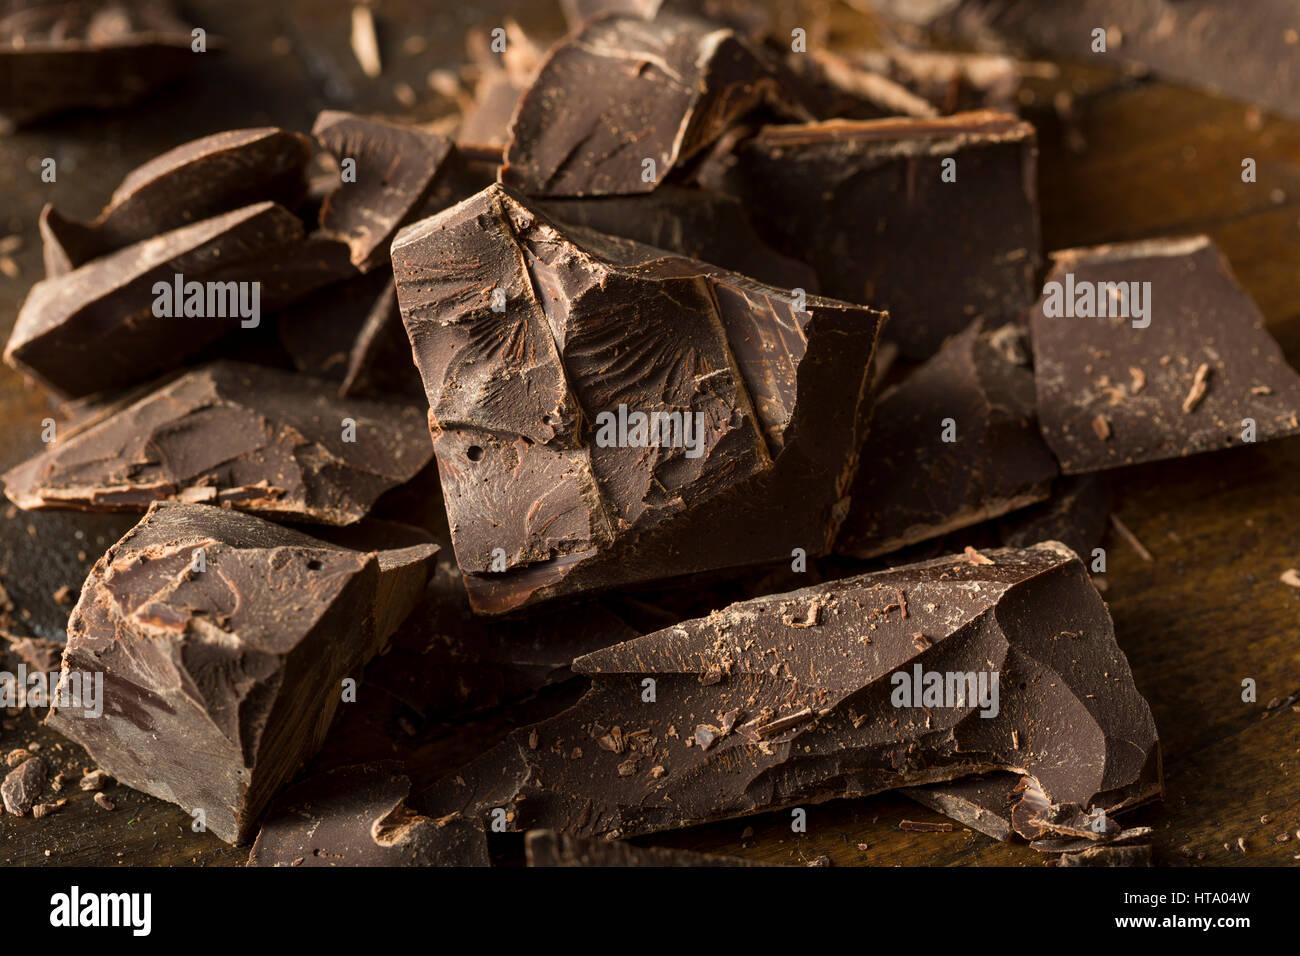 Organic semi dulce pedazos de chocolate oscuro para hornear Imagen De Stock